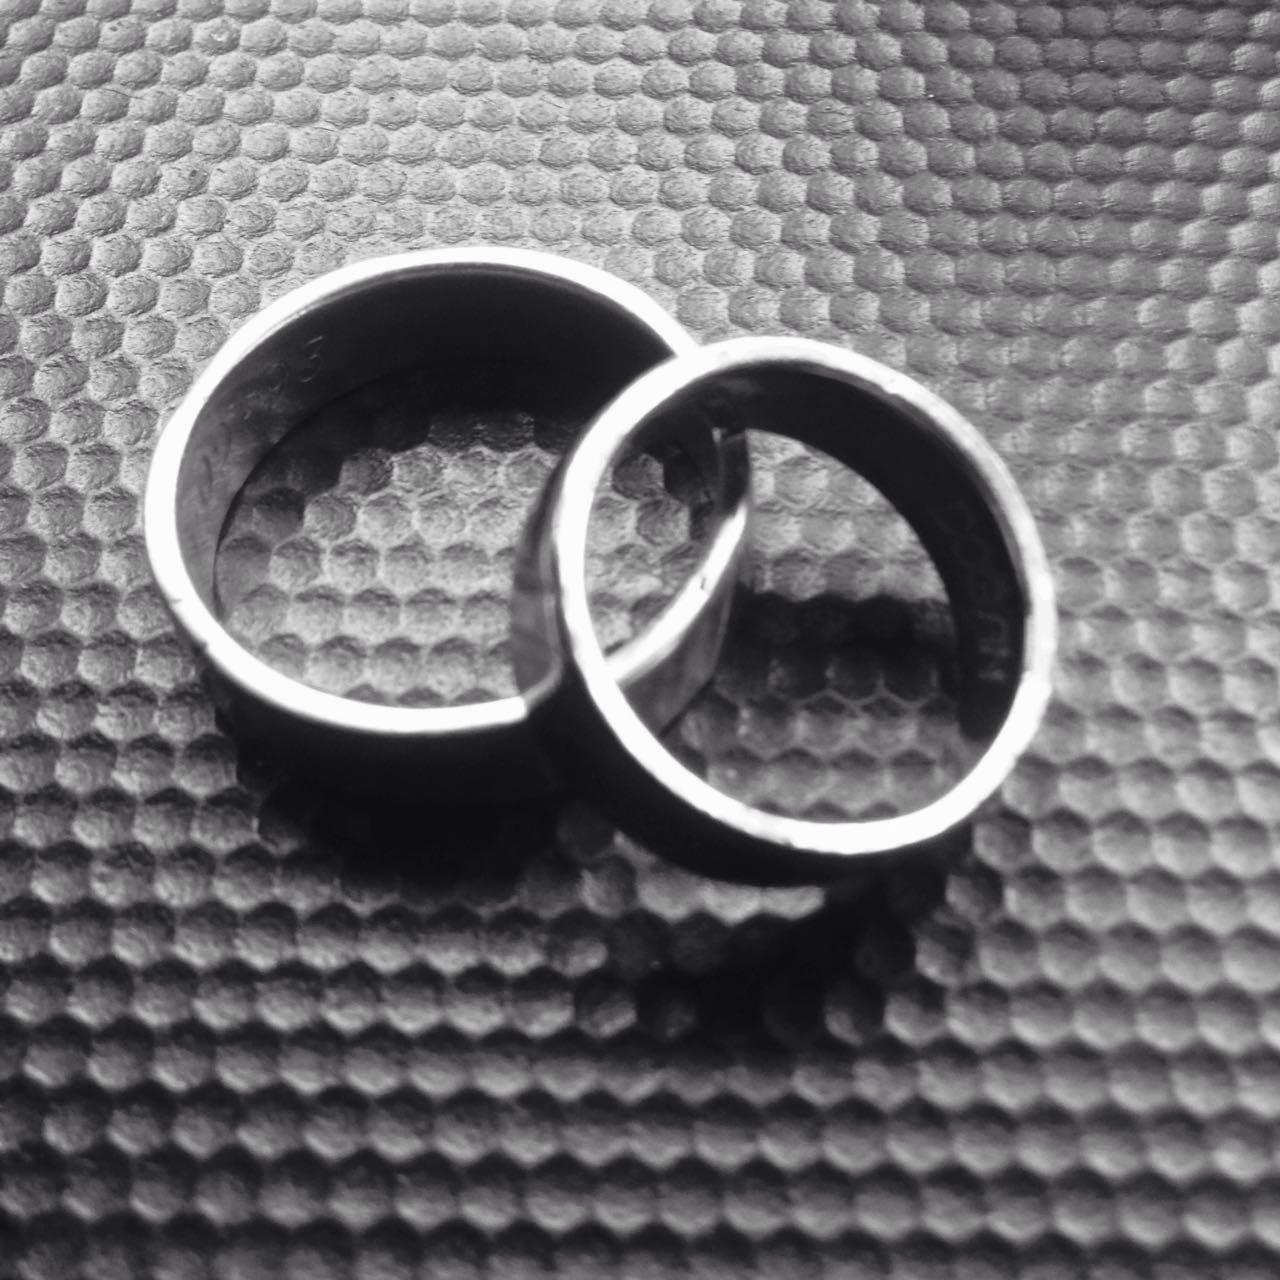 Evliliğe Hazır Olduğunuzu Gösteren İşaretler